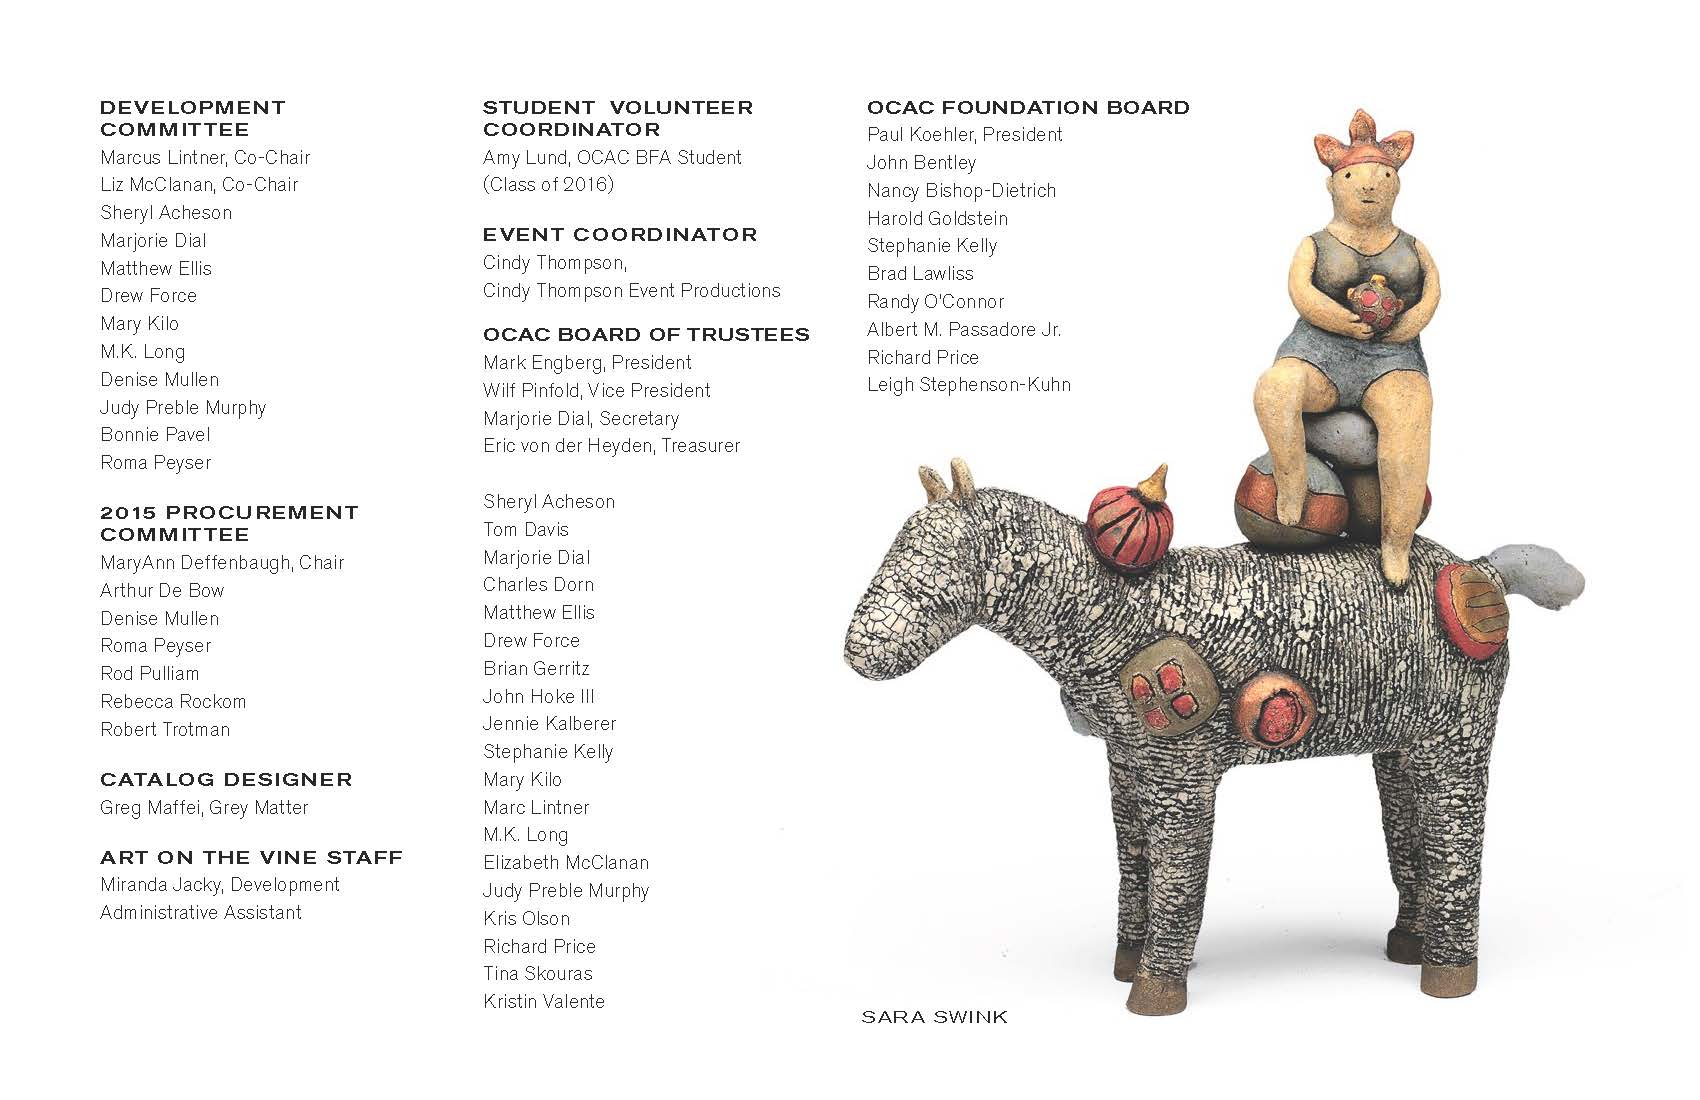 Eric Von Der Heyden catalog | artonthevine